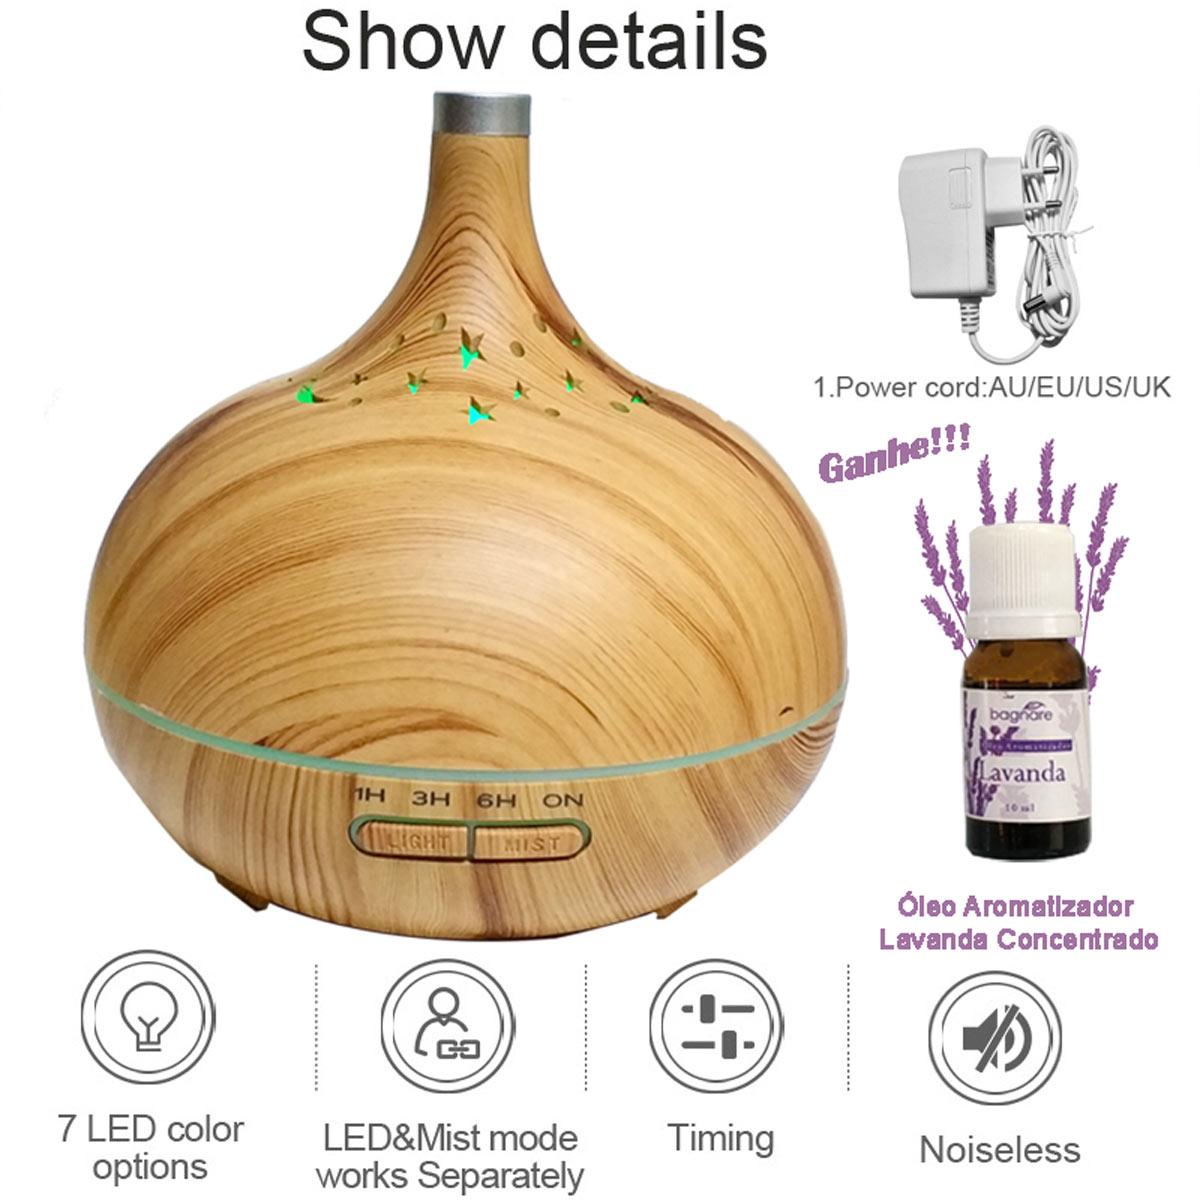 Umidificador Difusor Ar Aromatizador Ultrassônico com Óleo Aromatizador Lavanda 10 ml